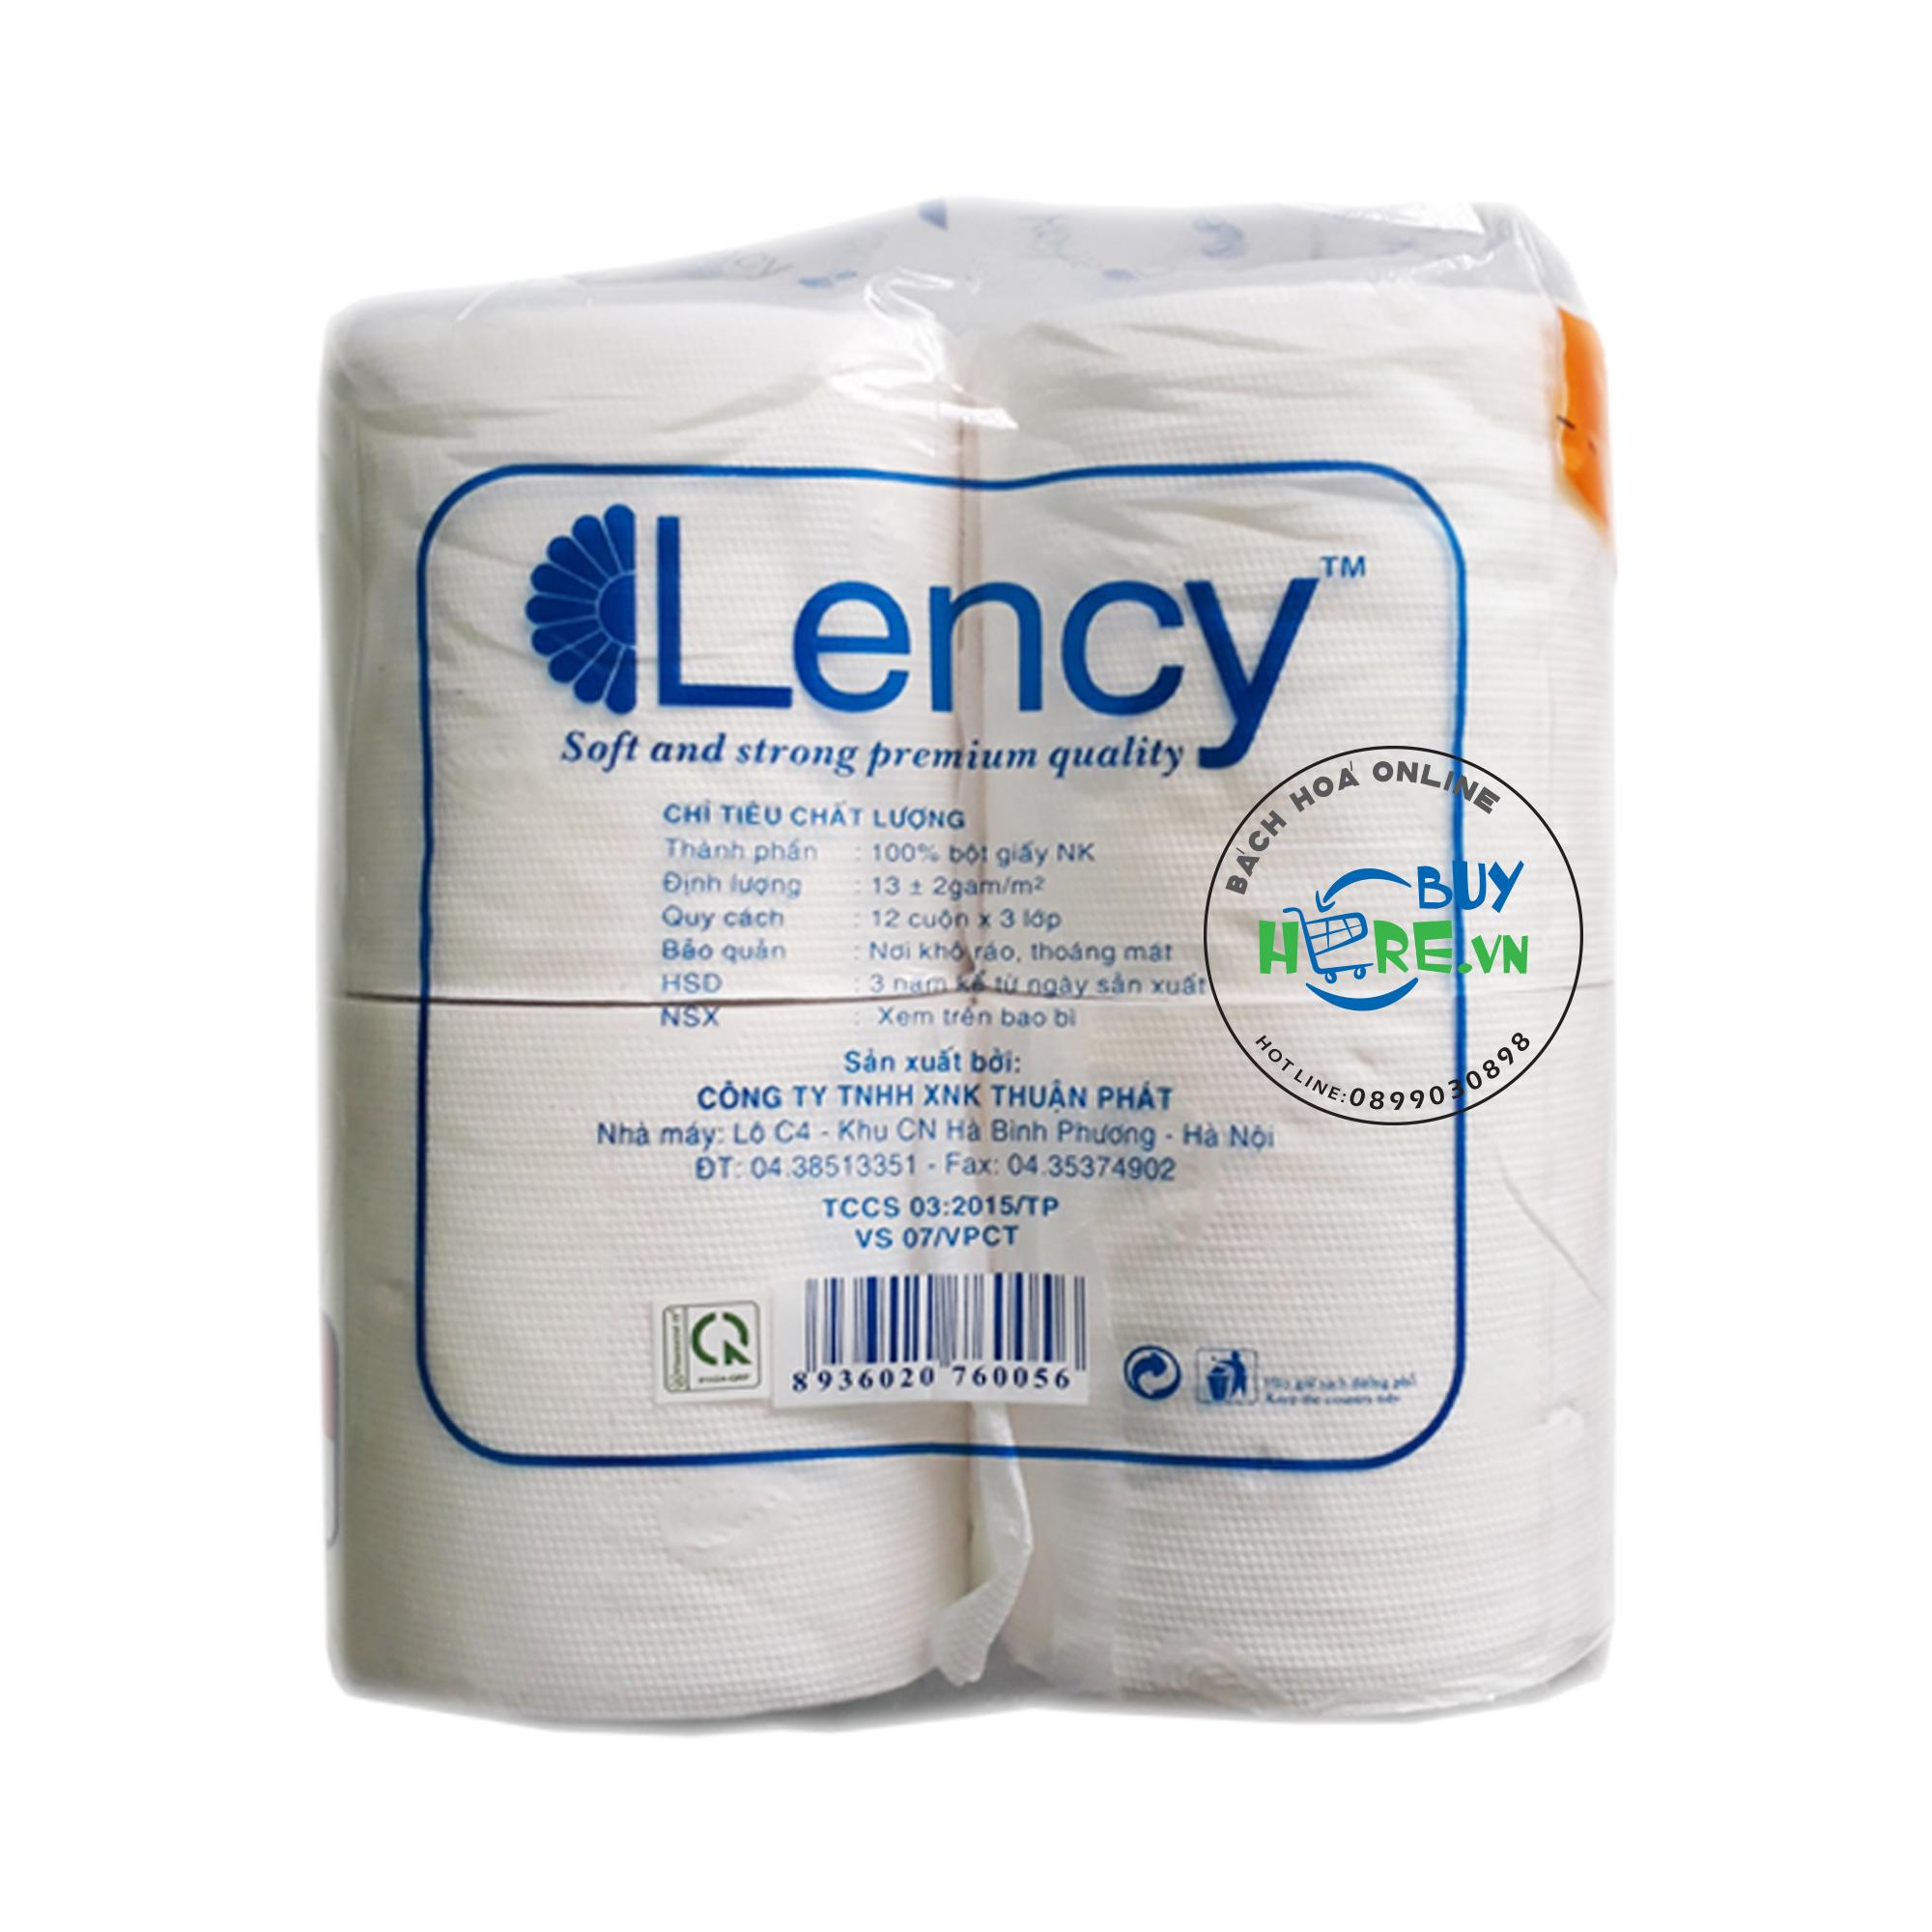 Giấy vệ sinh Lency 12 cuộn 3 lớp